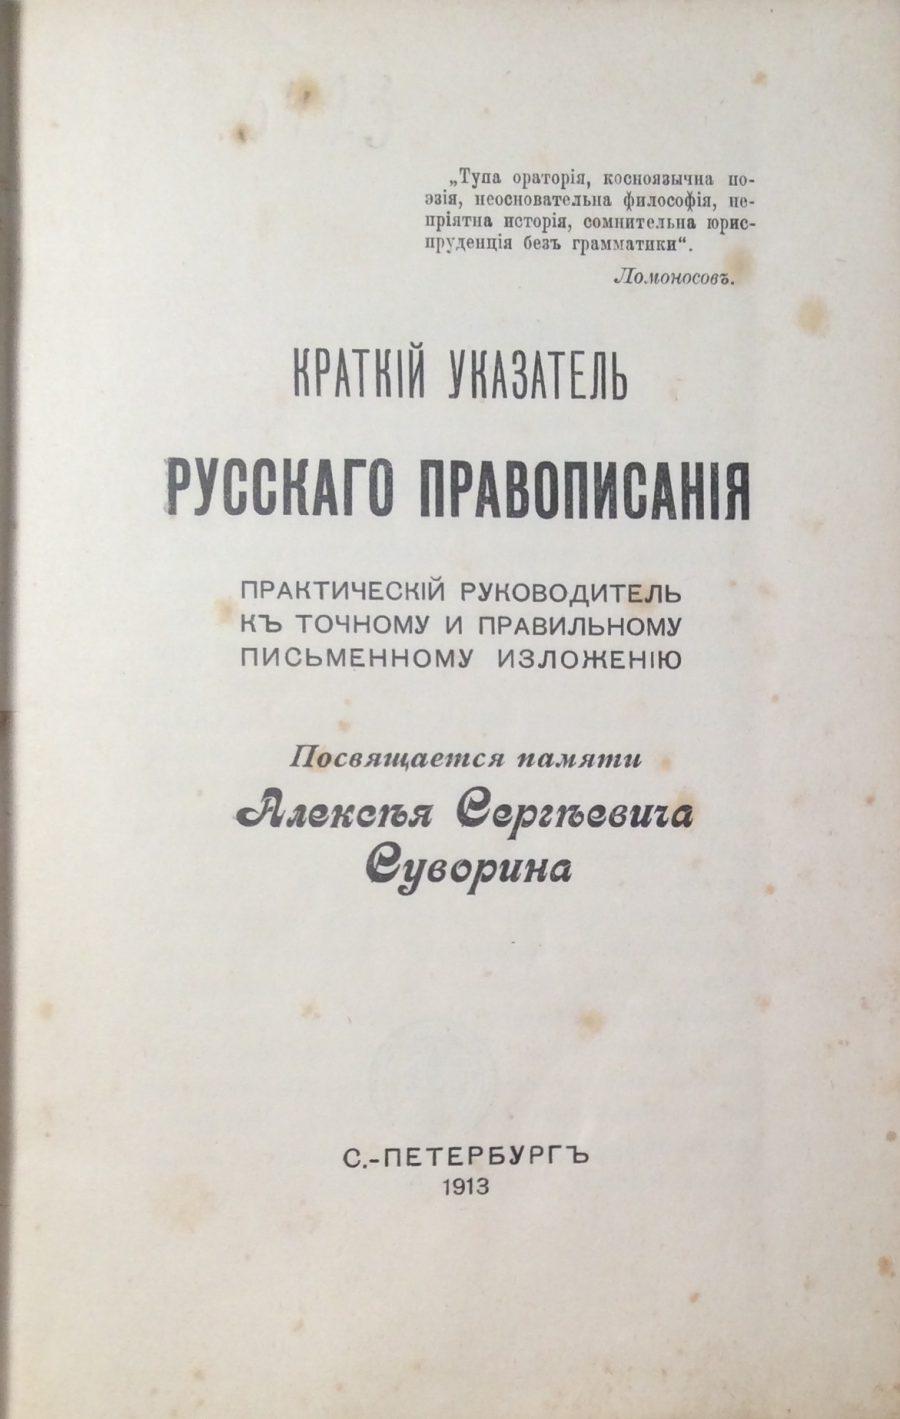 Краткий указатель русского правописания